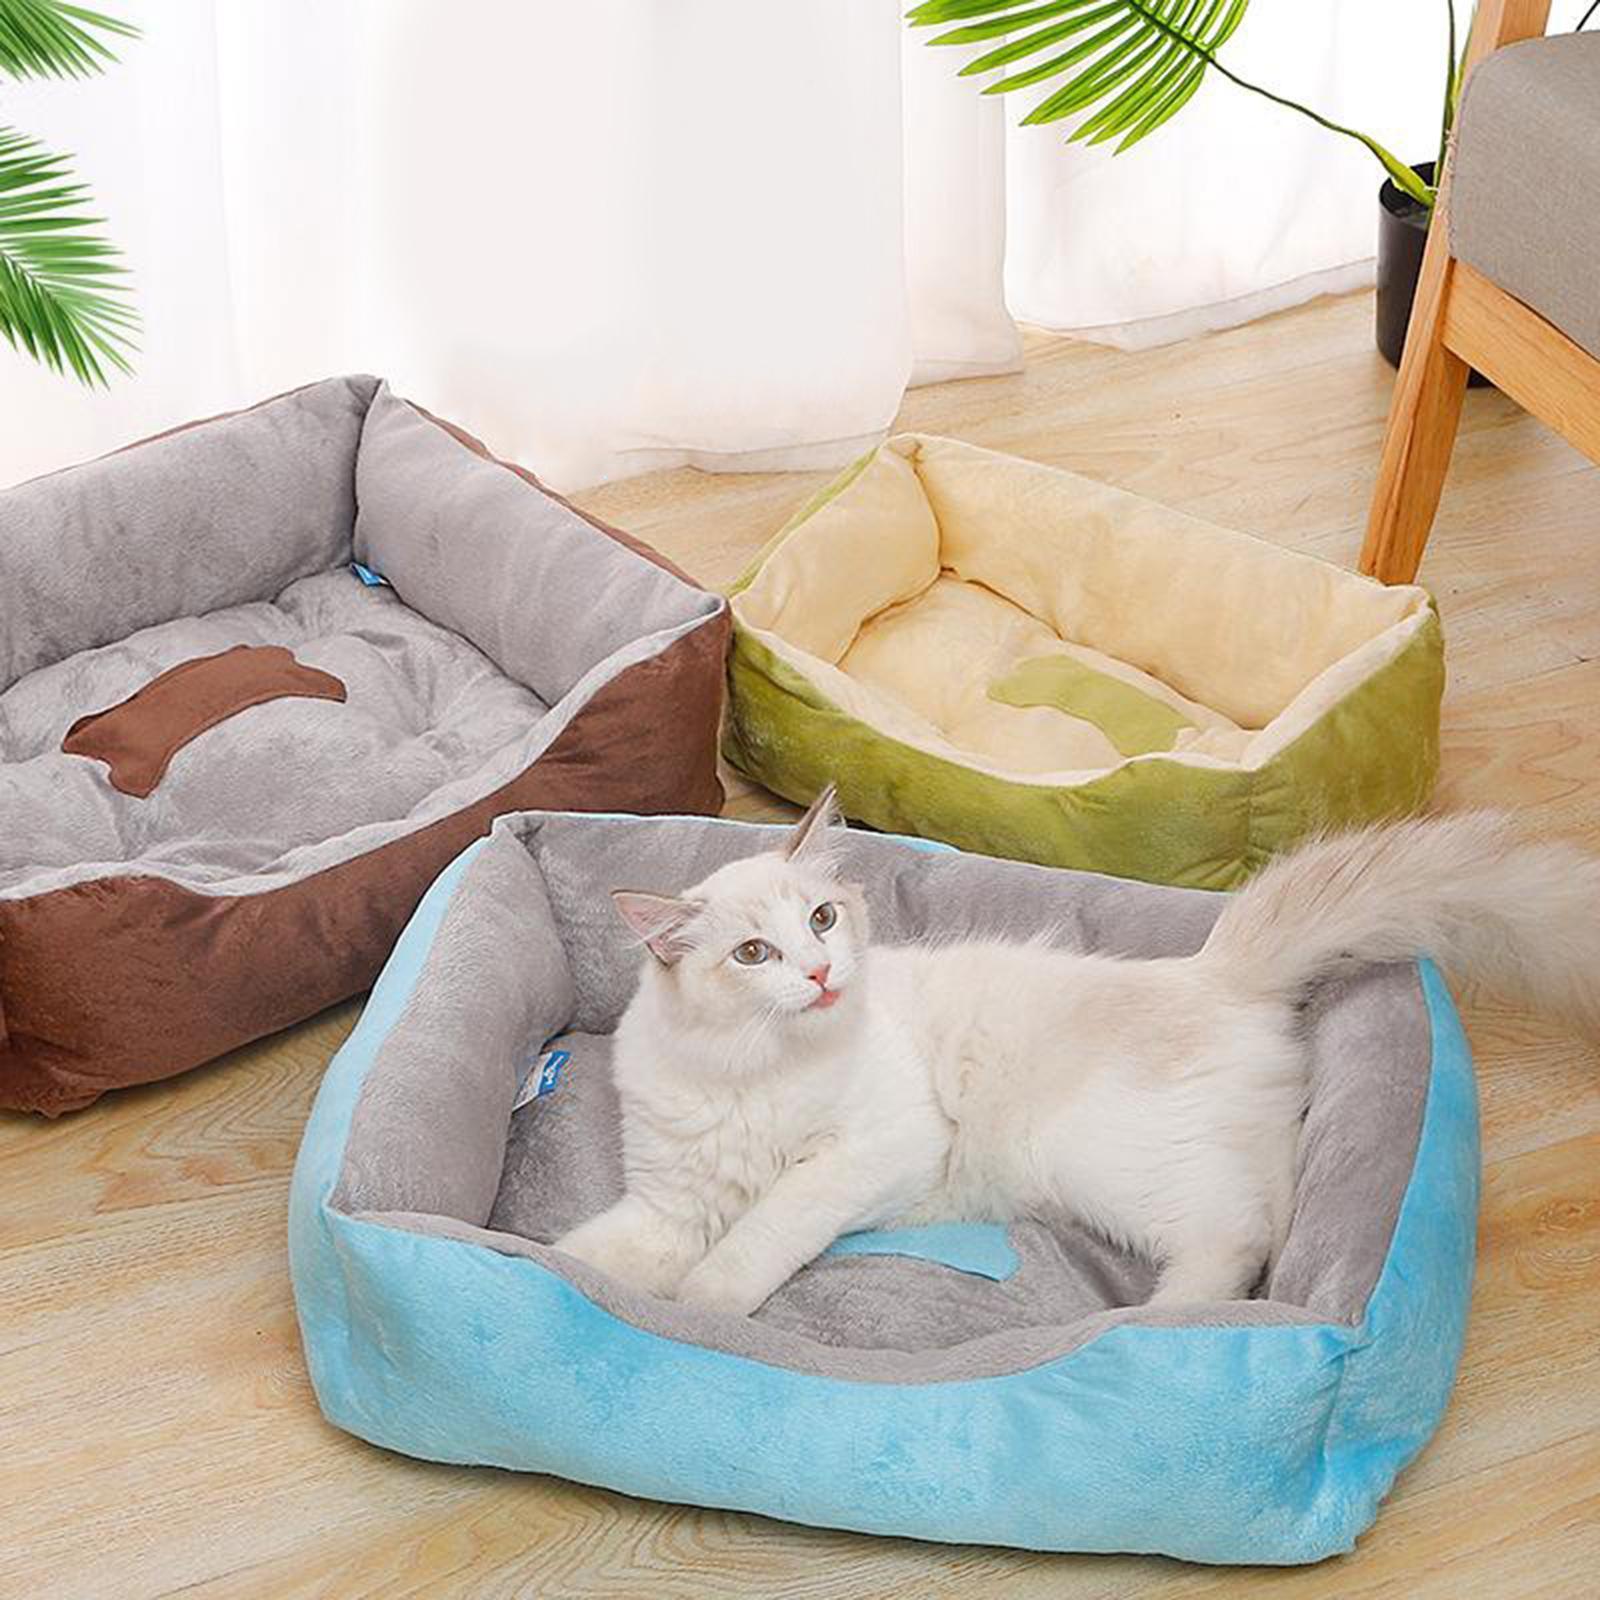 Indexbild 41 - Katze-Hund-Bett-Pet-Kissen-Betten-Haus-Schlaf-Soft-Warmen-Zwinger-Decke-Nest